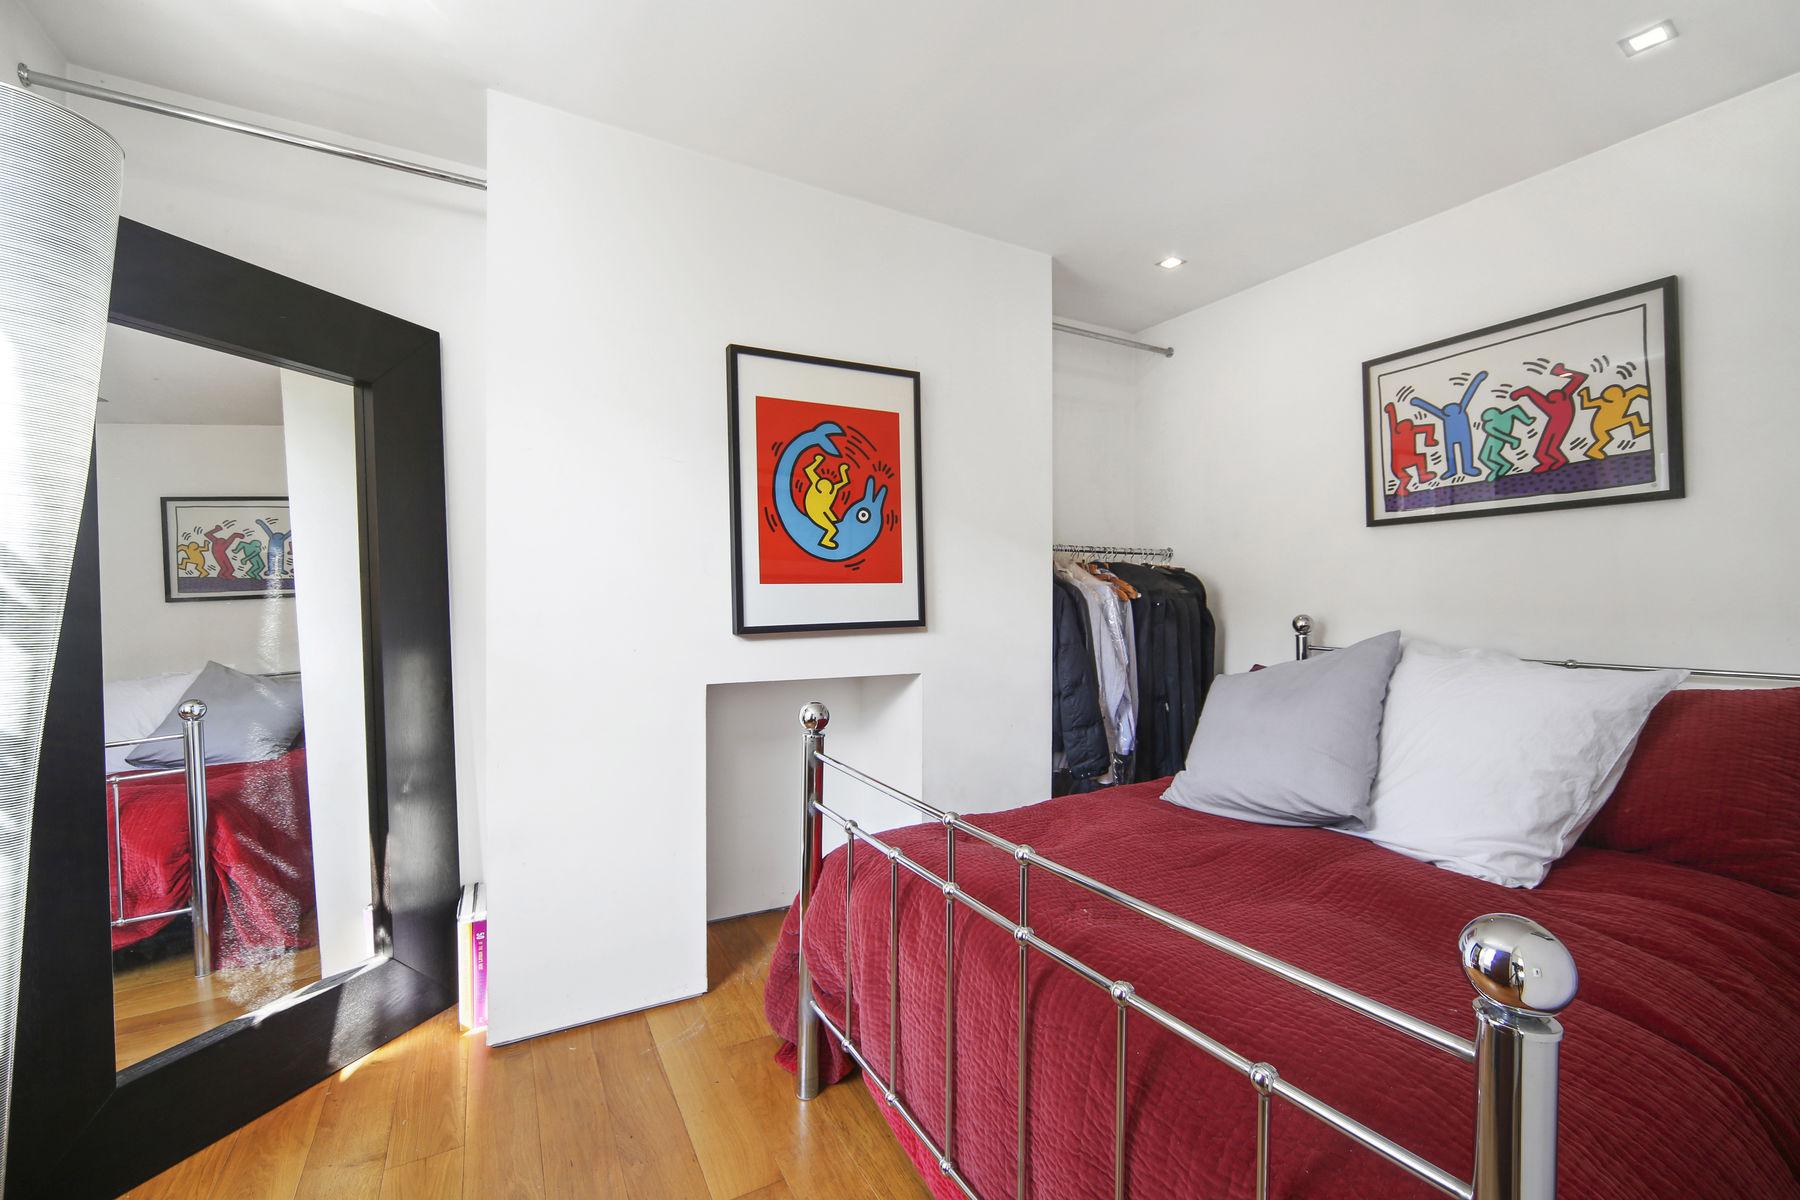 独户住宅 为 销售 在 Whittlesey Street London, 英格兰 英国